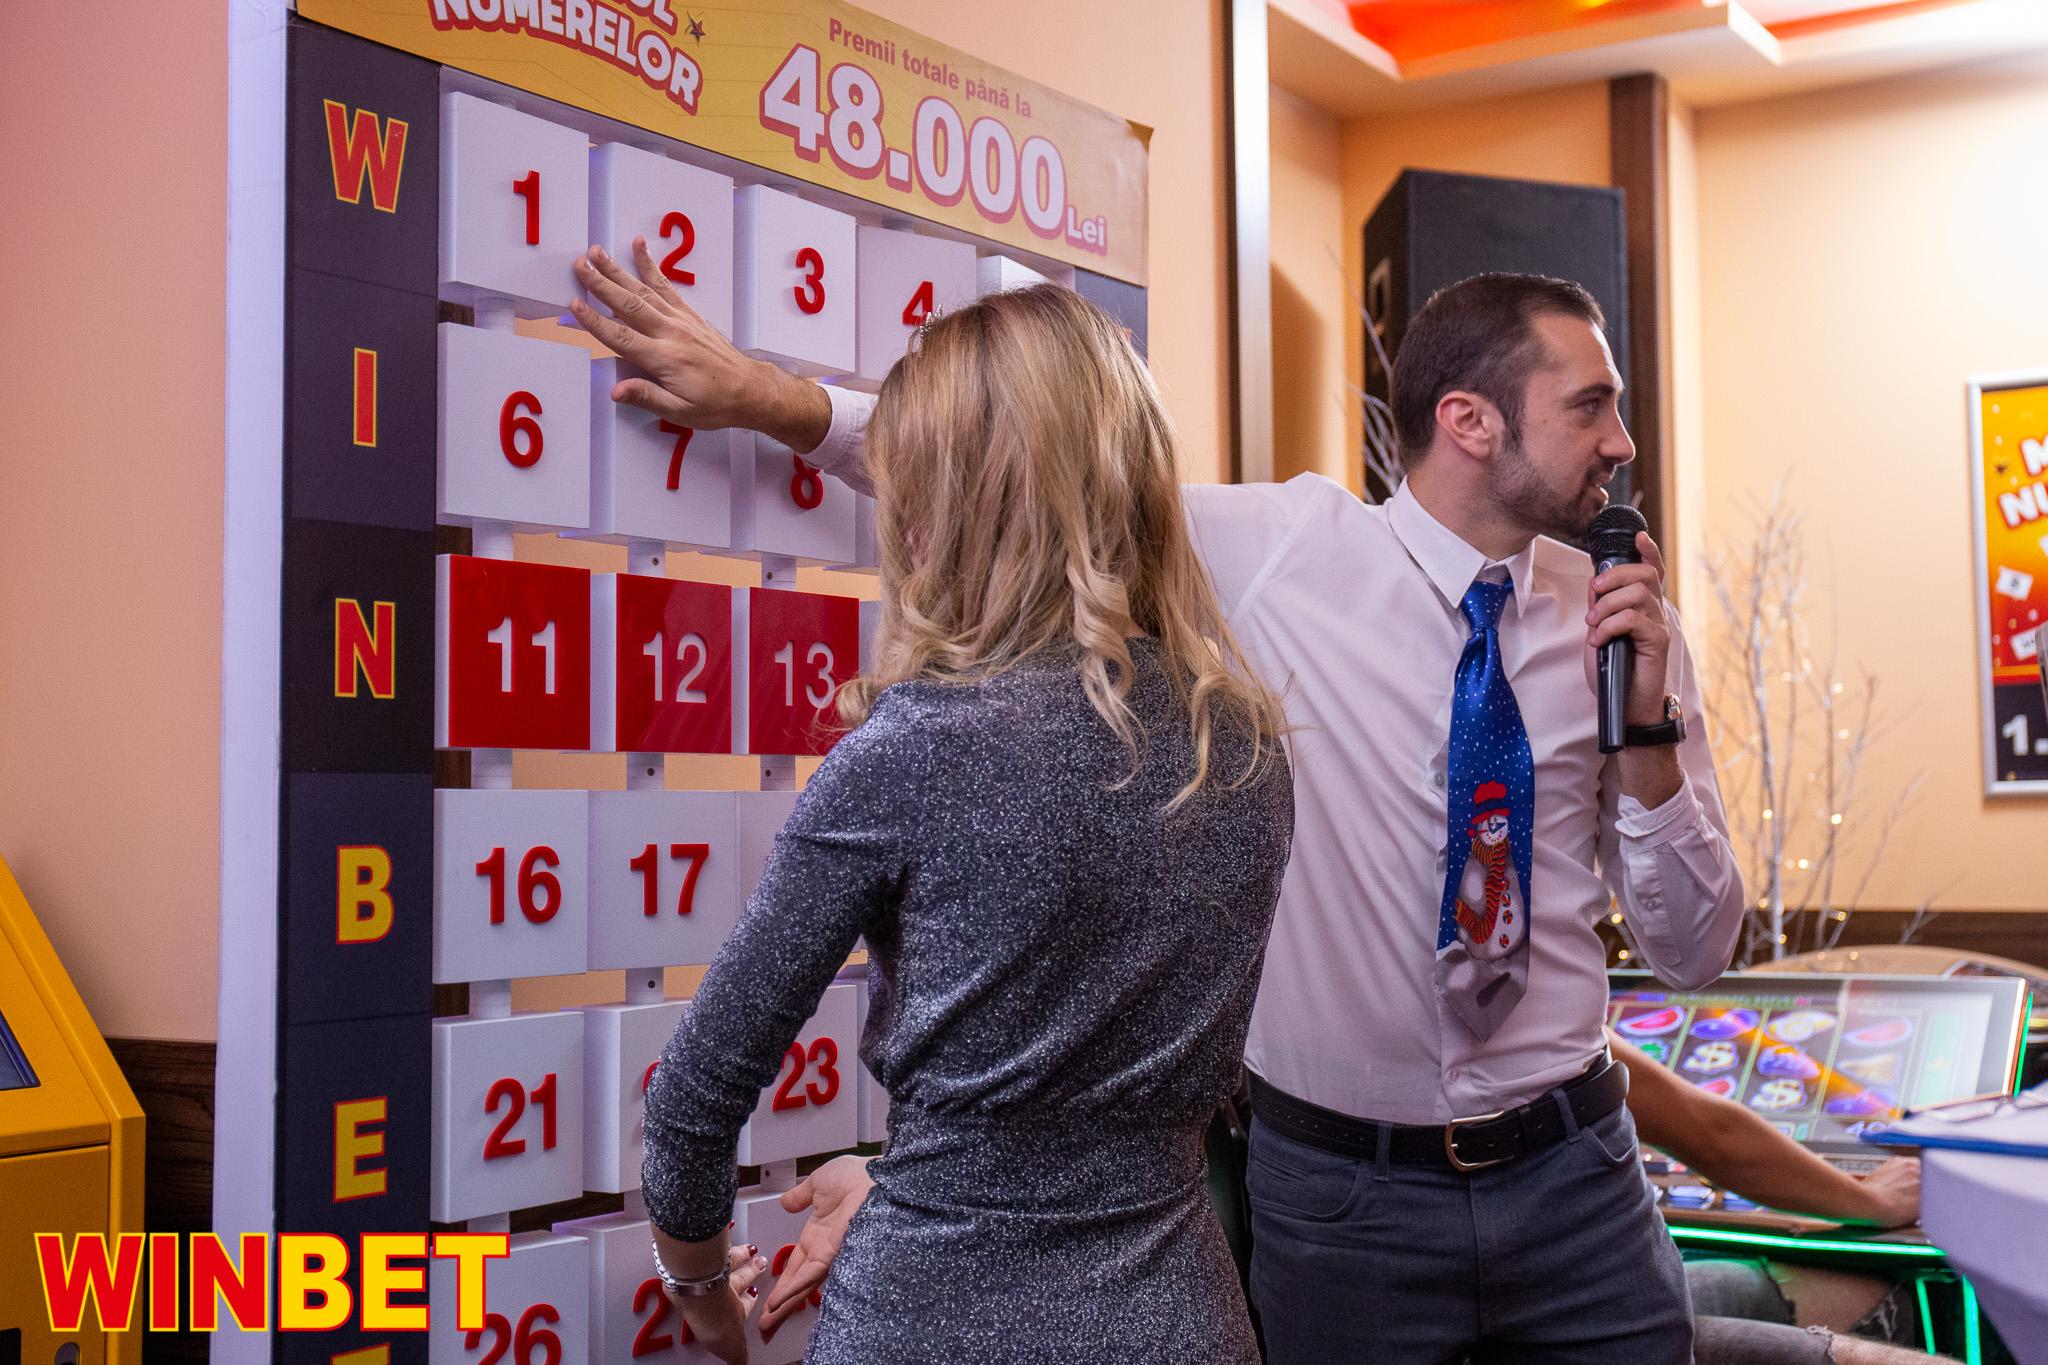 Misterul Numerelor WinBet 1 Decembrie